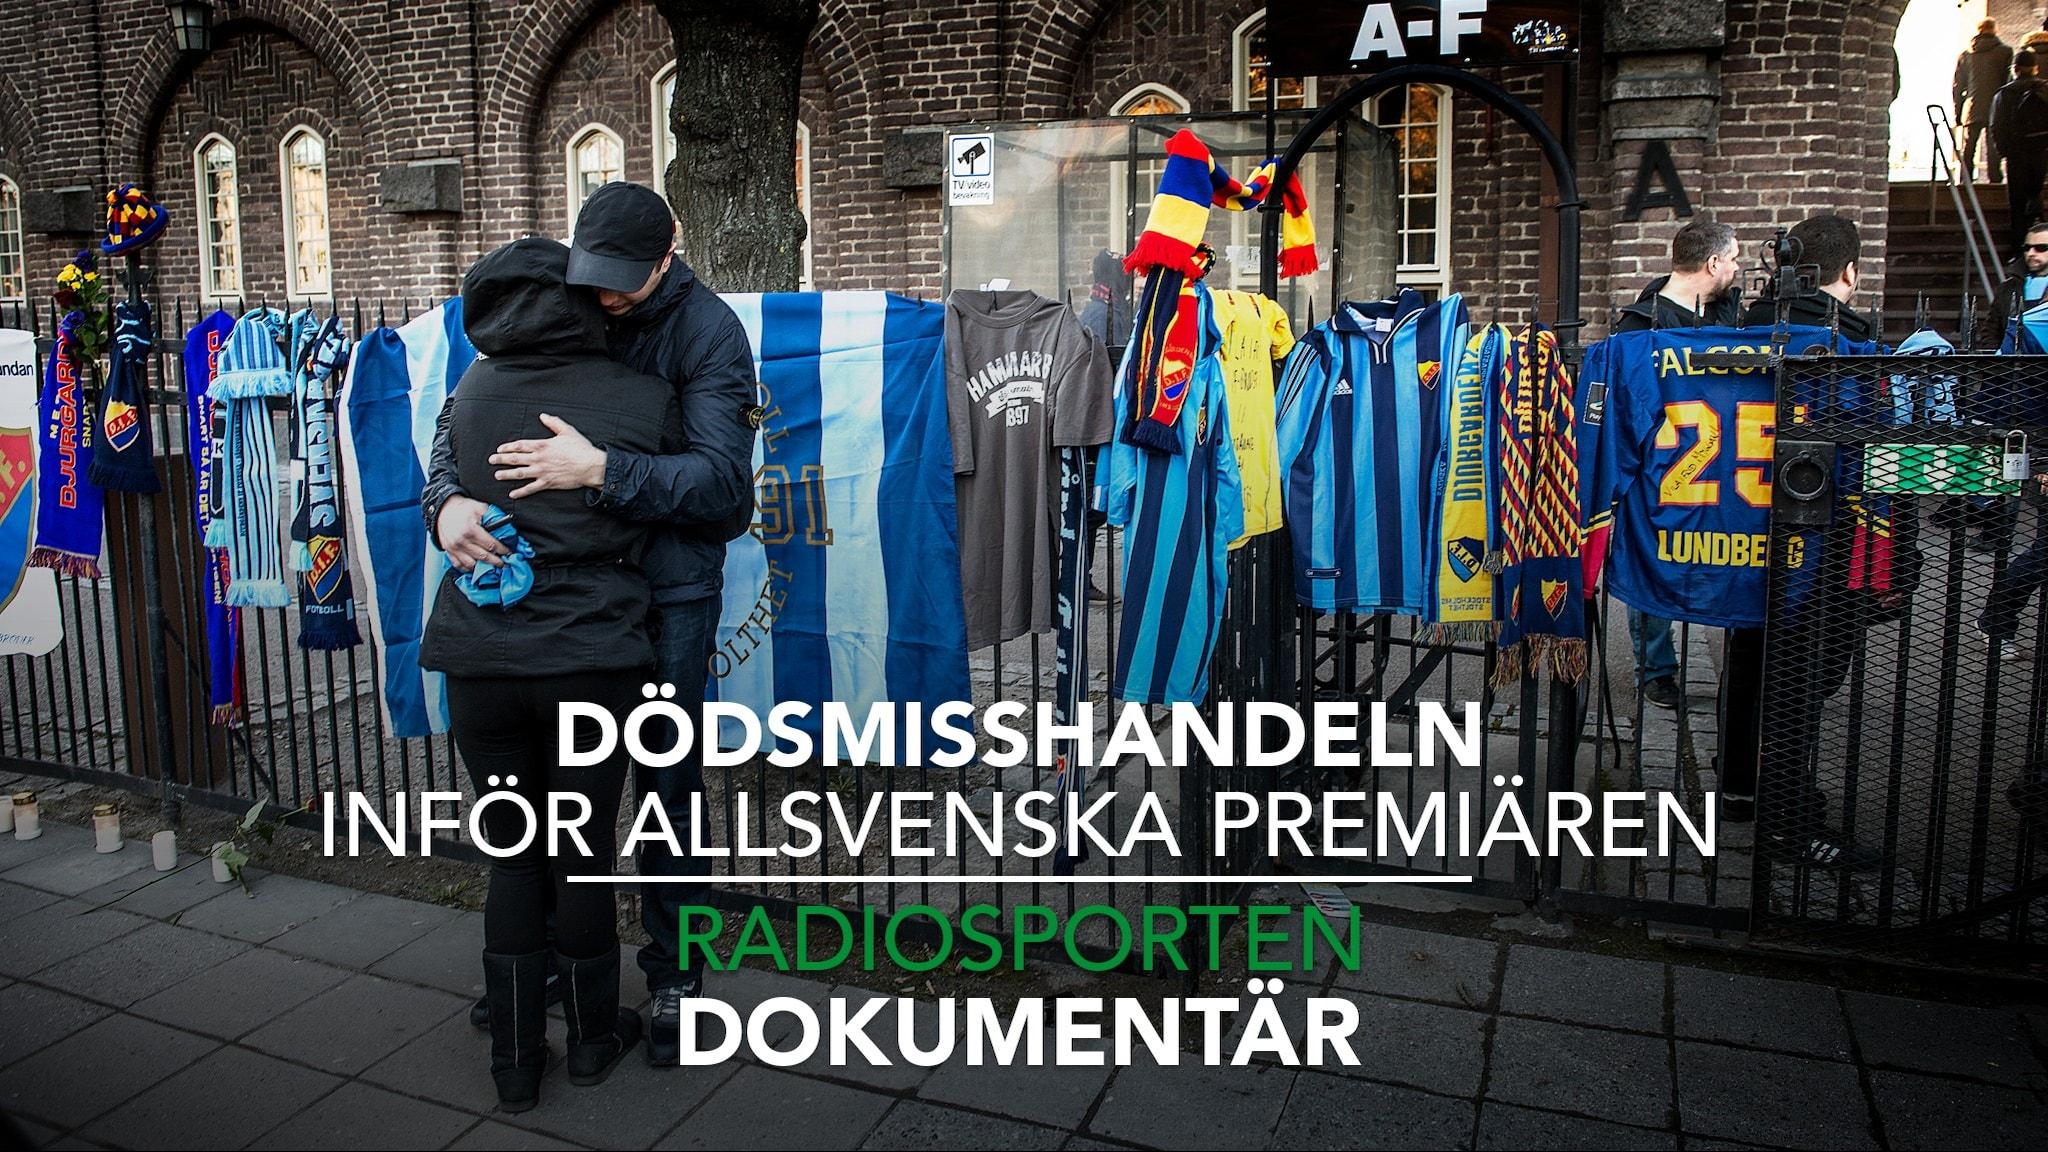 Dödsmisshandeln inför allsvenska premiären 2014